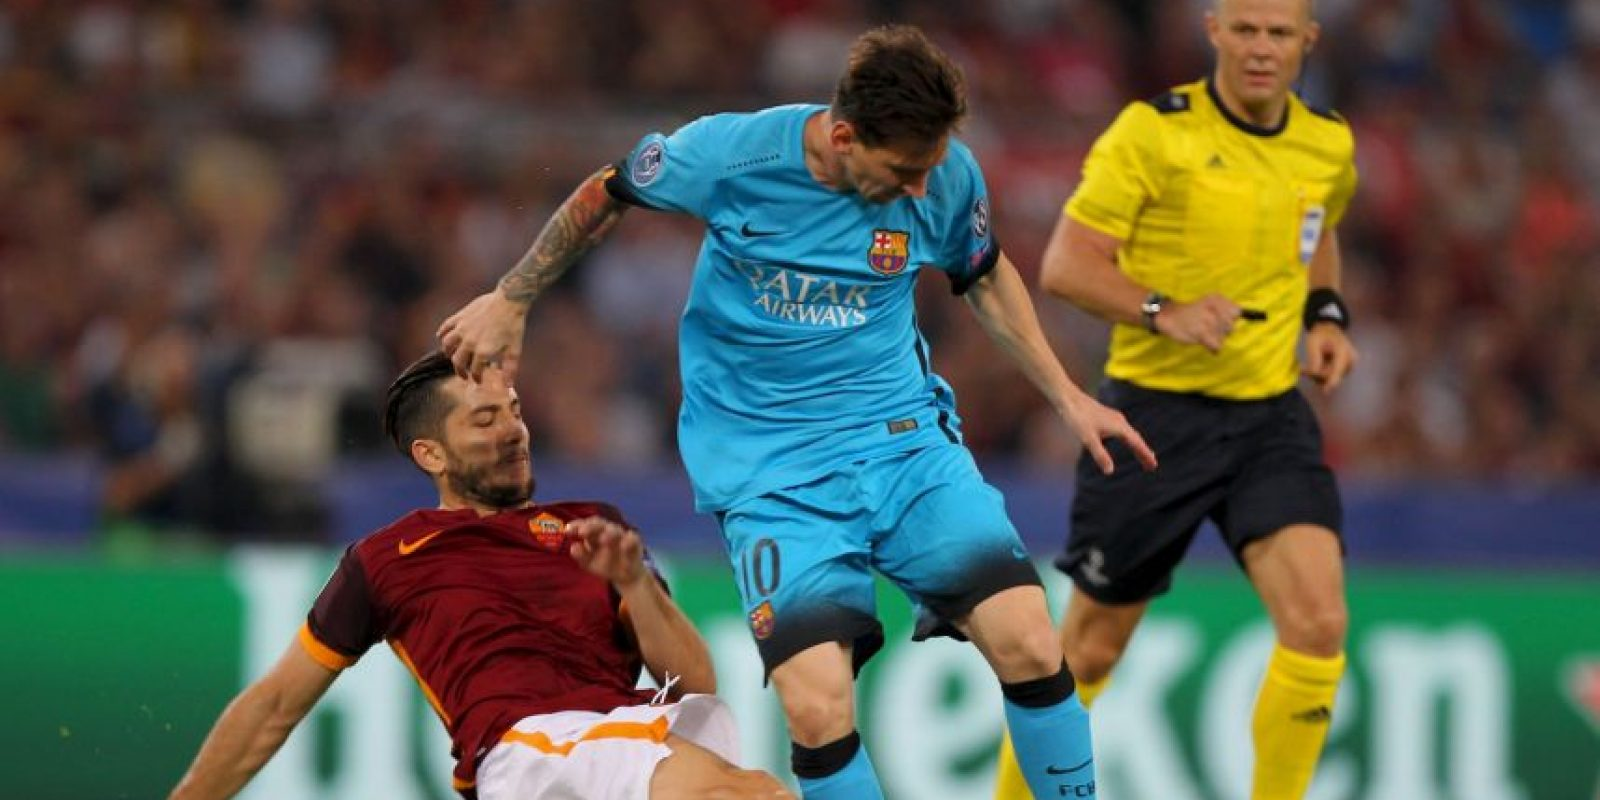 Barça tendrá a su disposición a Lionel Messi, quien ya tuvo minutos en el clásico del fin de semana Foto:Getty Images